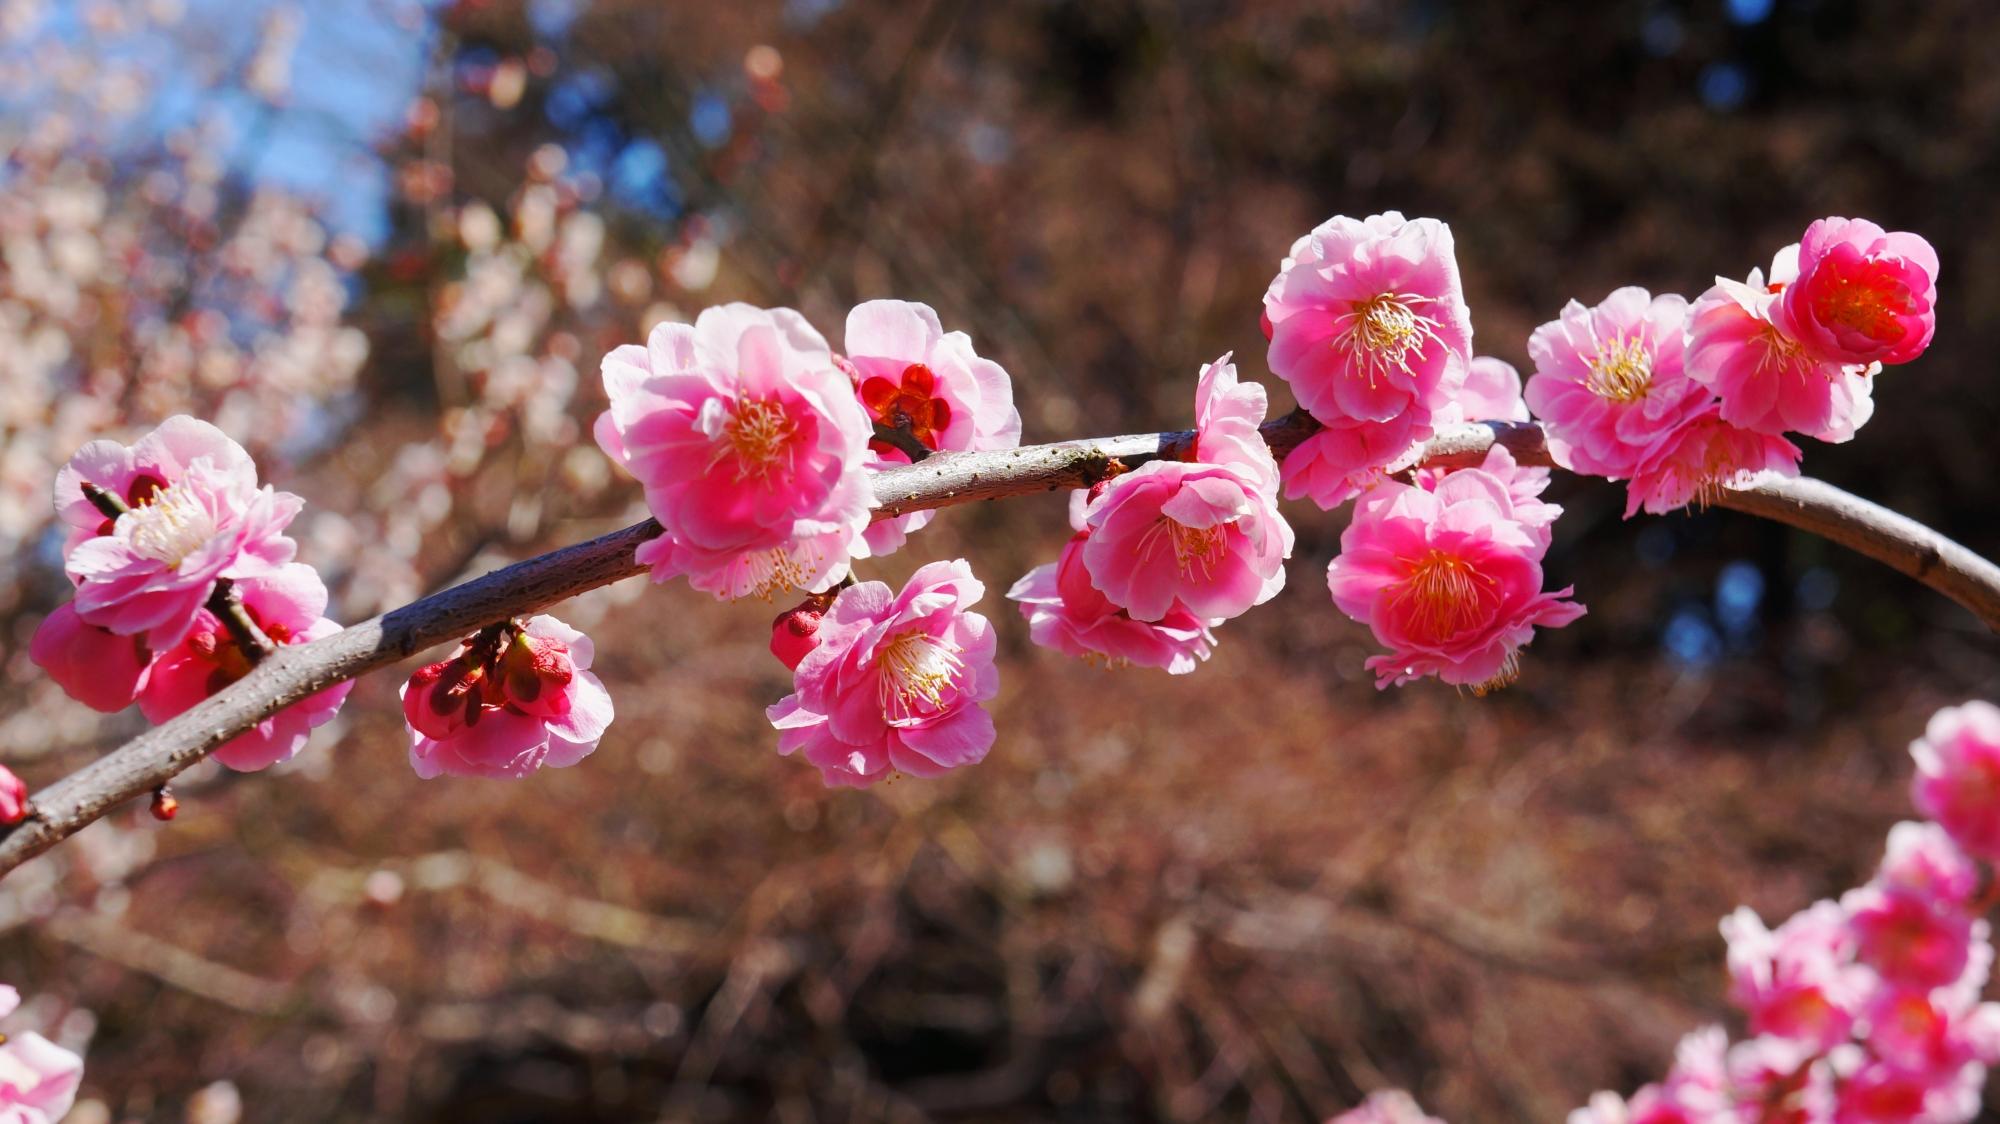 モコモコした感じの八重の梅の花